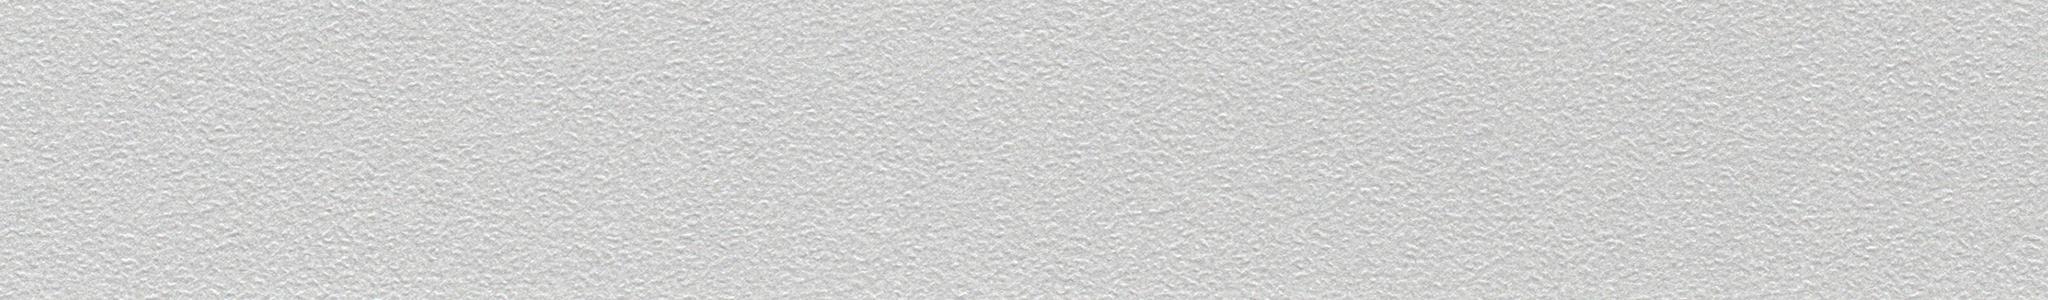 HD 49509 Melamin Kante Aluminium perl